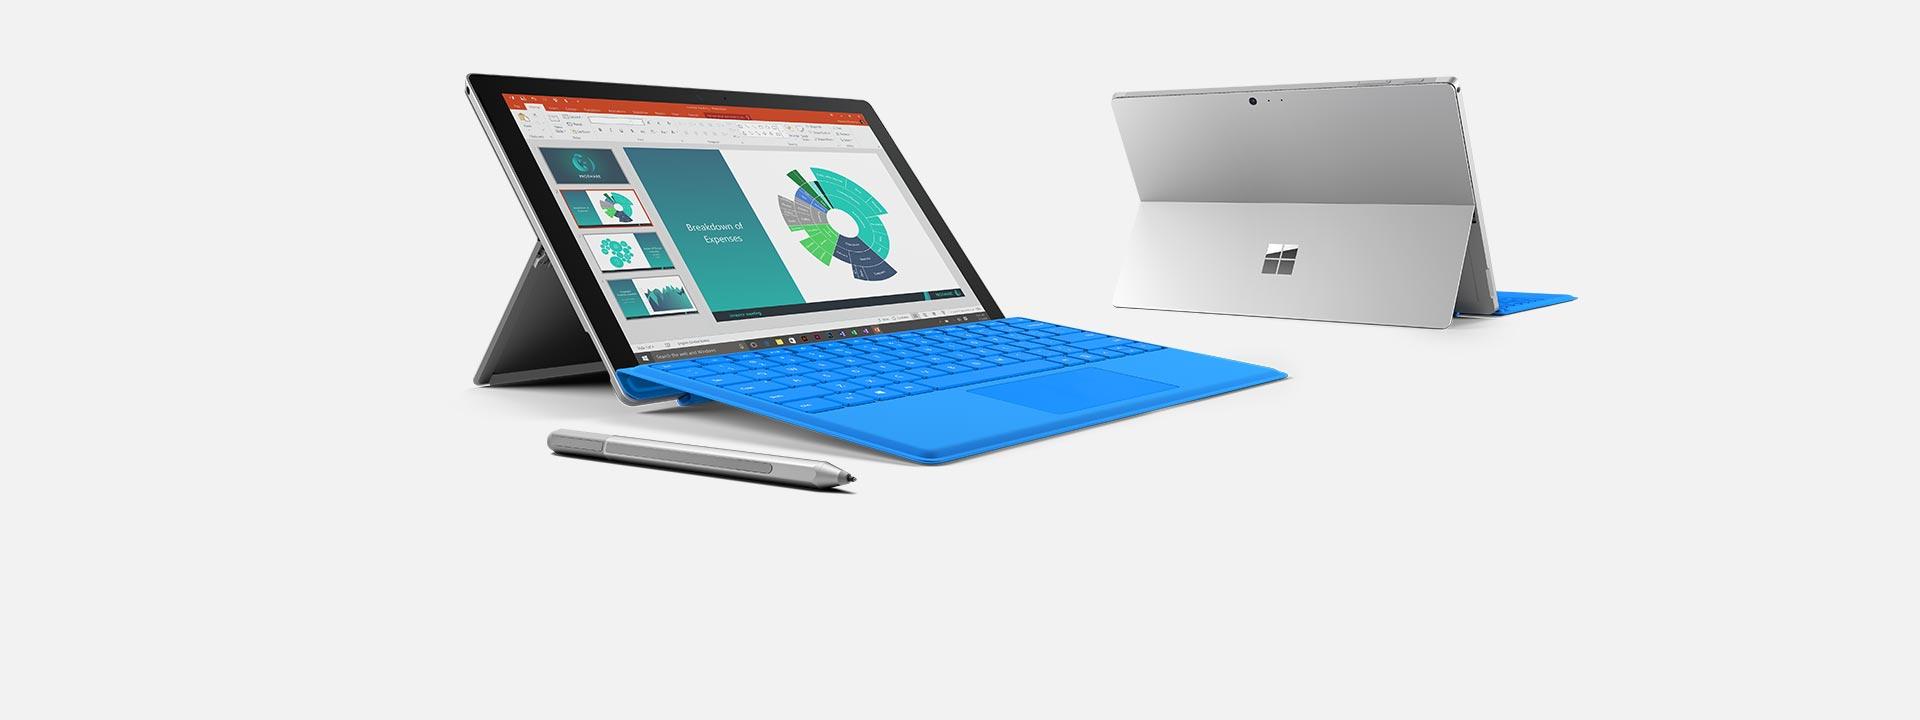 了解更多有關 Surface Pro 4 裝置的資訊